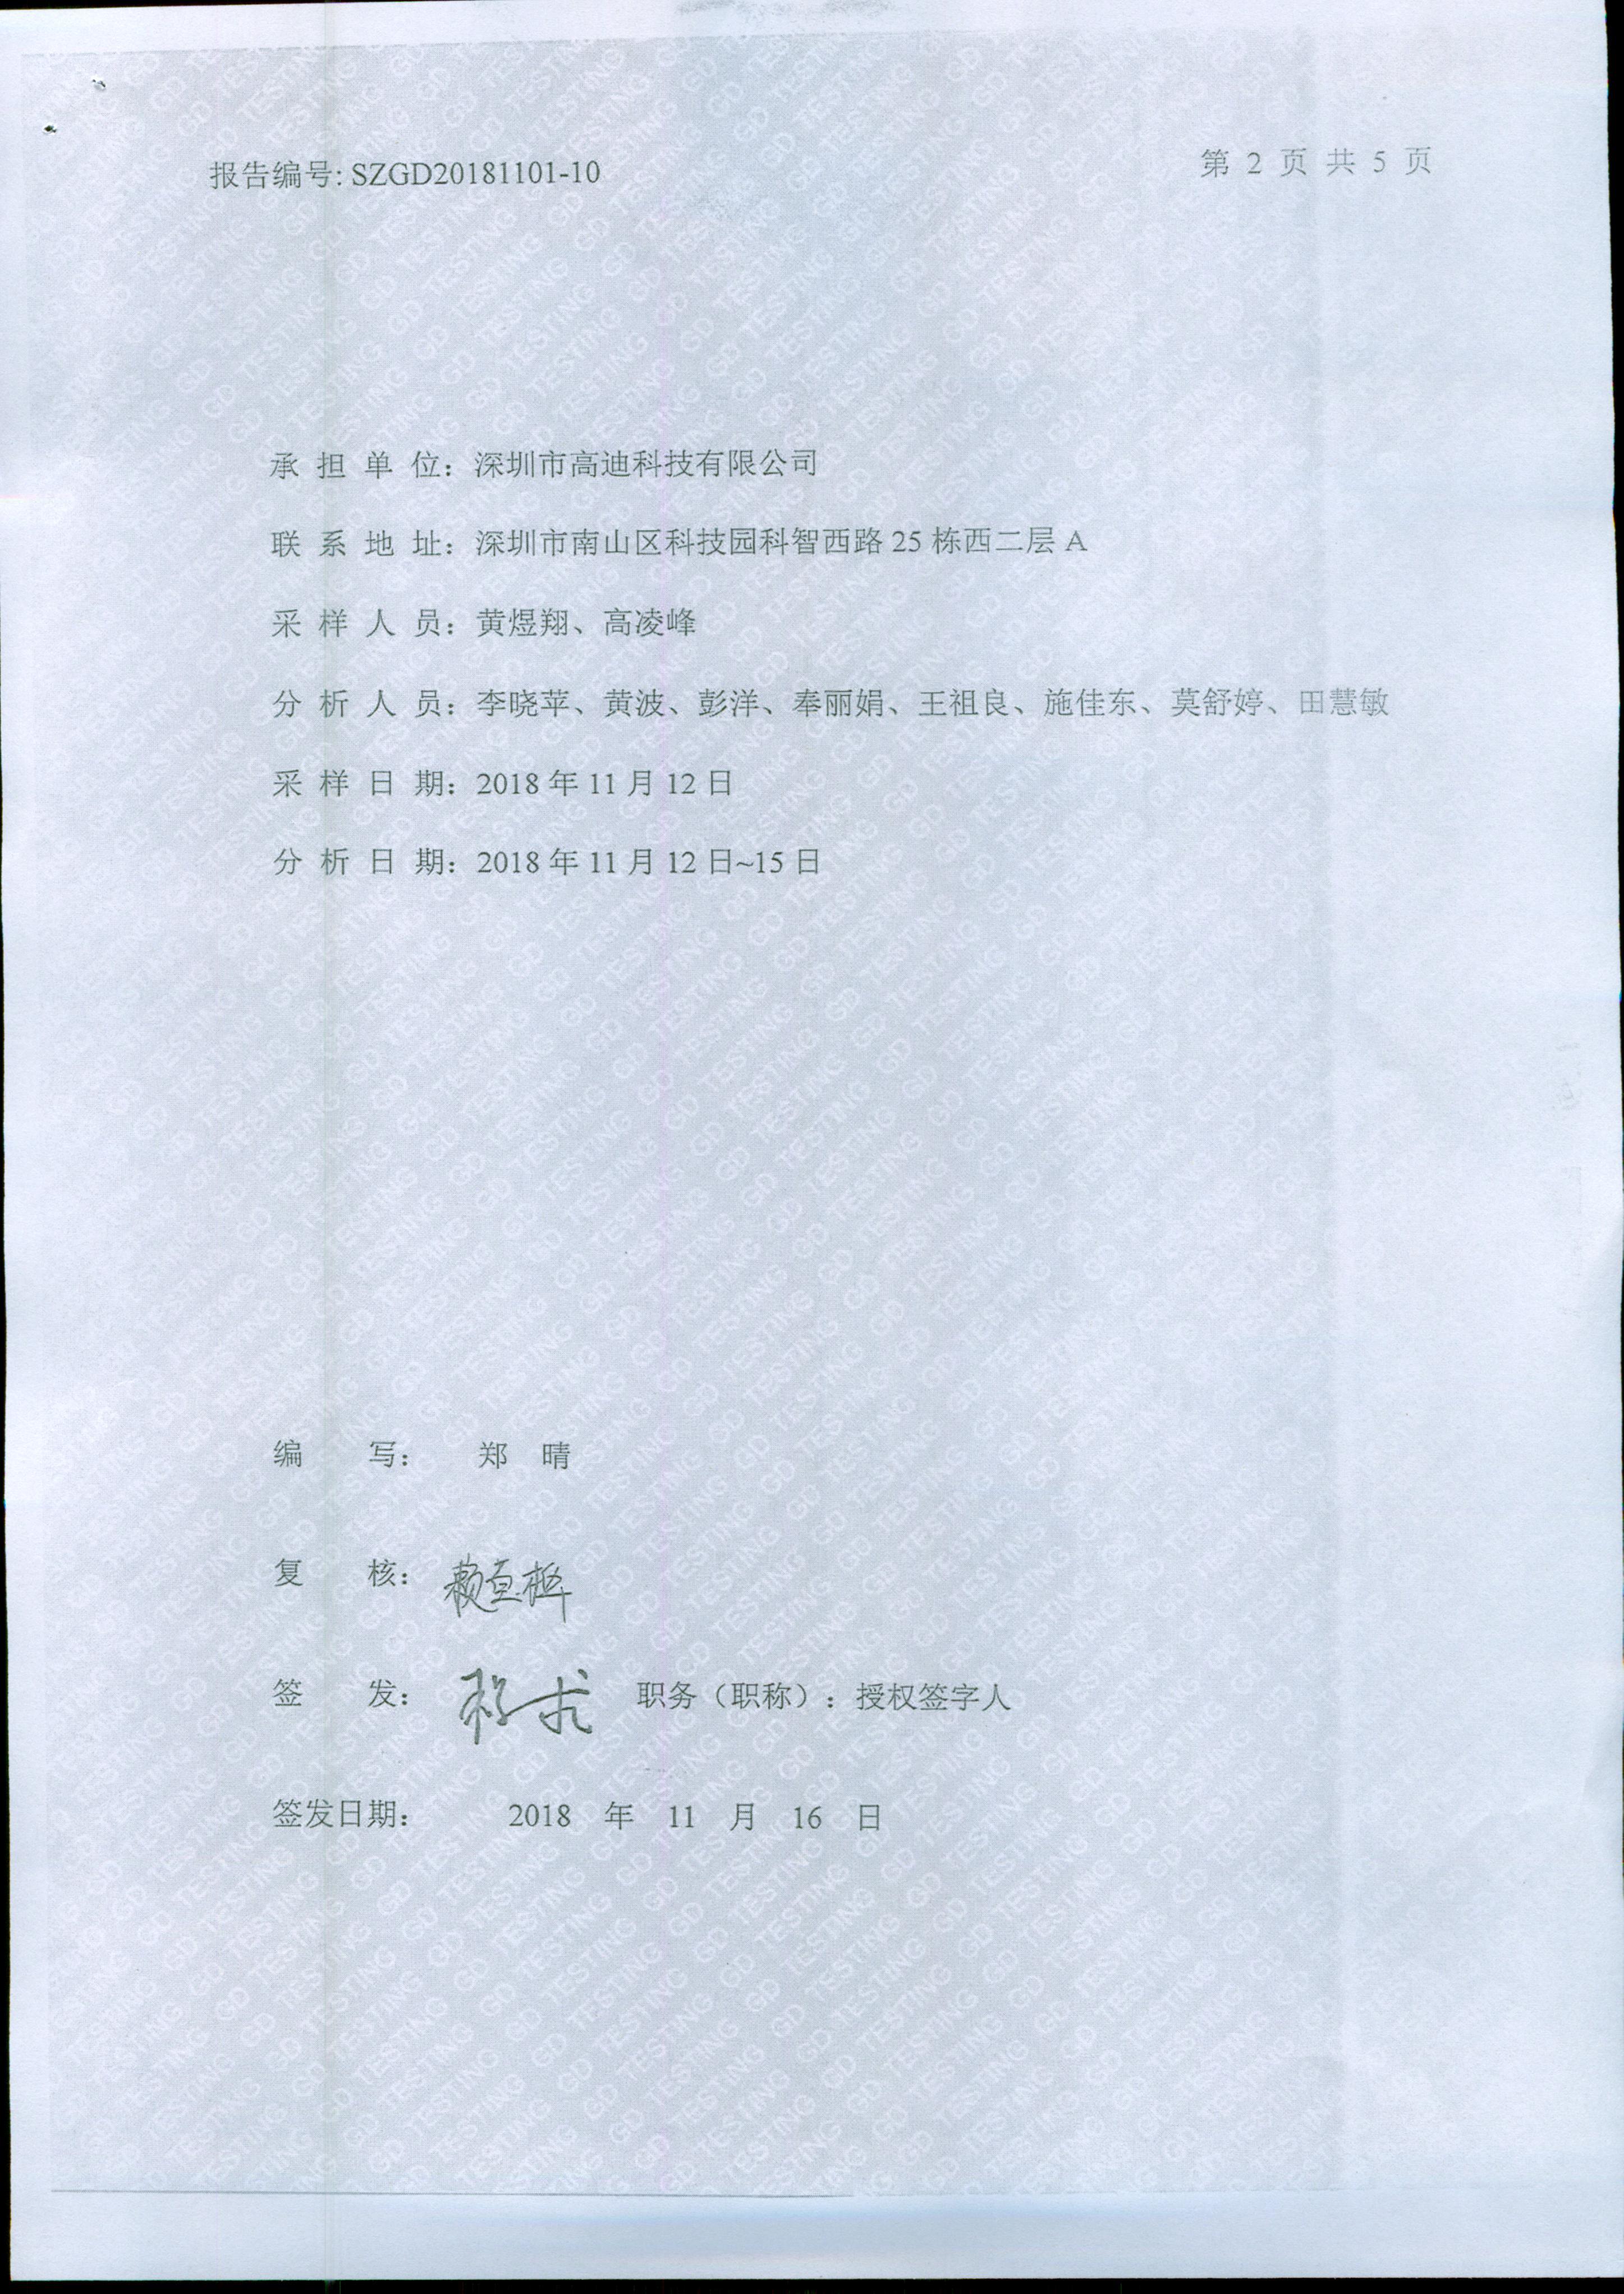 VOC檢測報告1